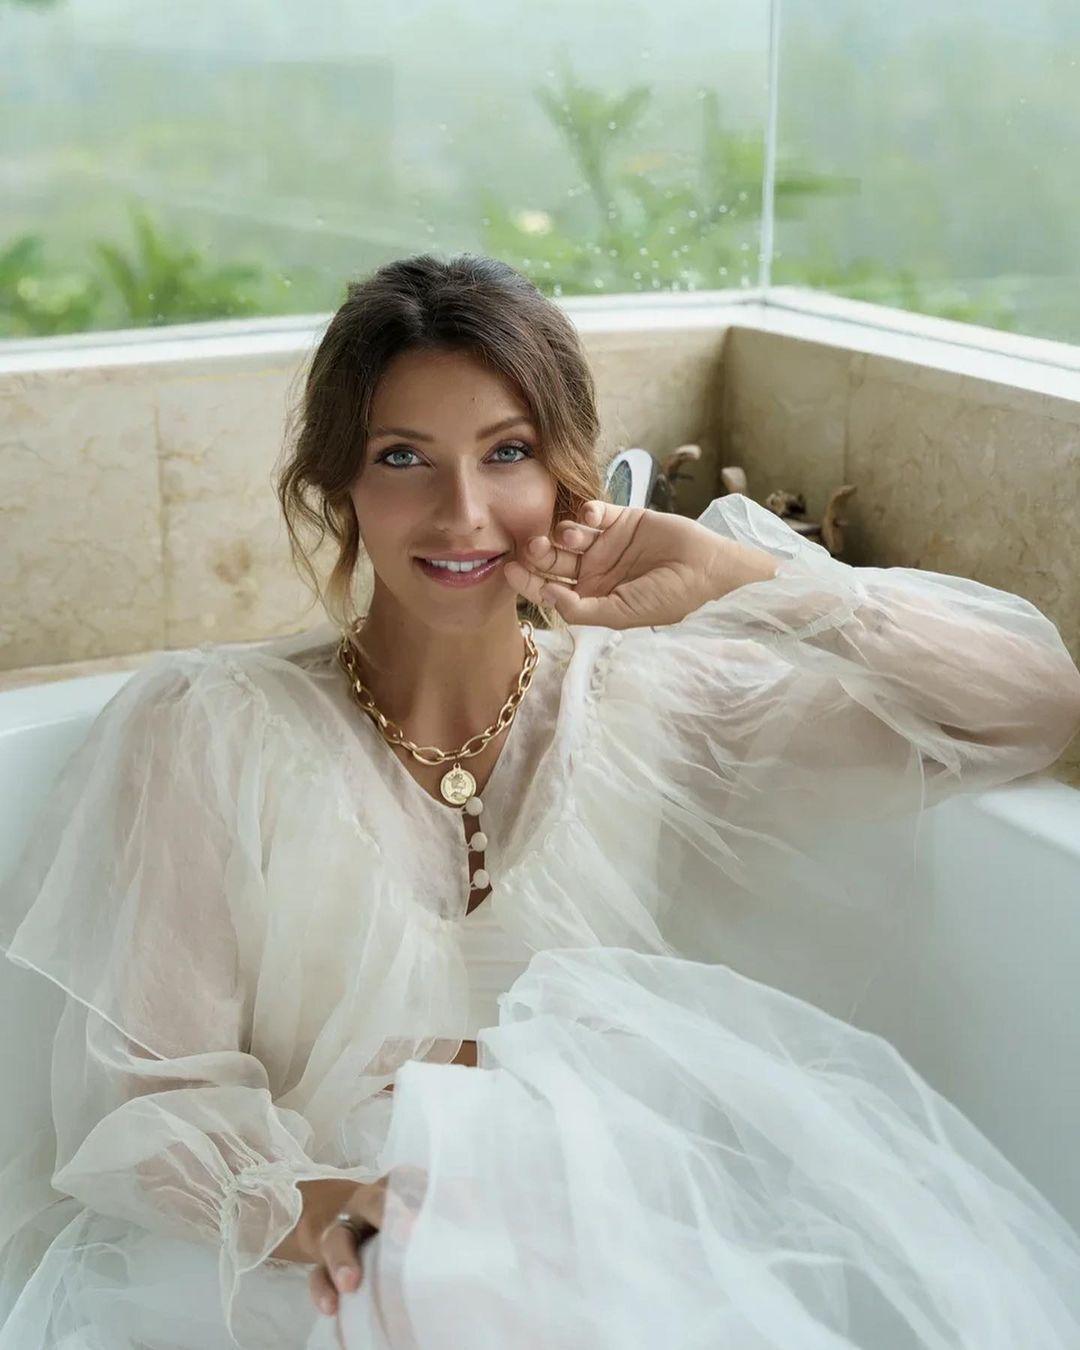 Регіна Тодоренко позує в елегантній сукні